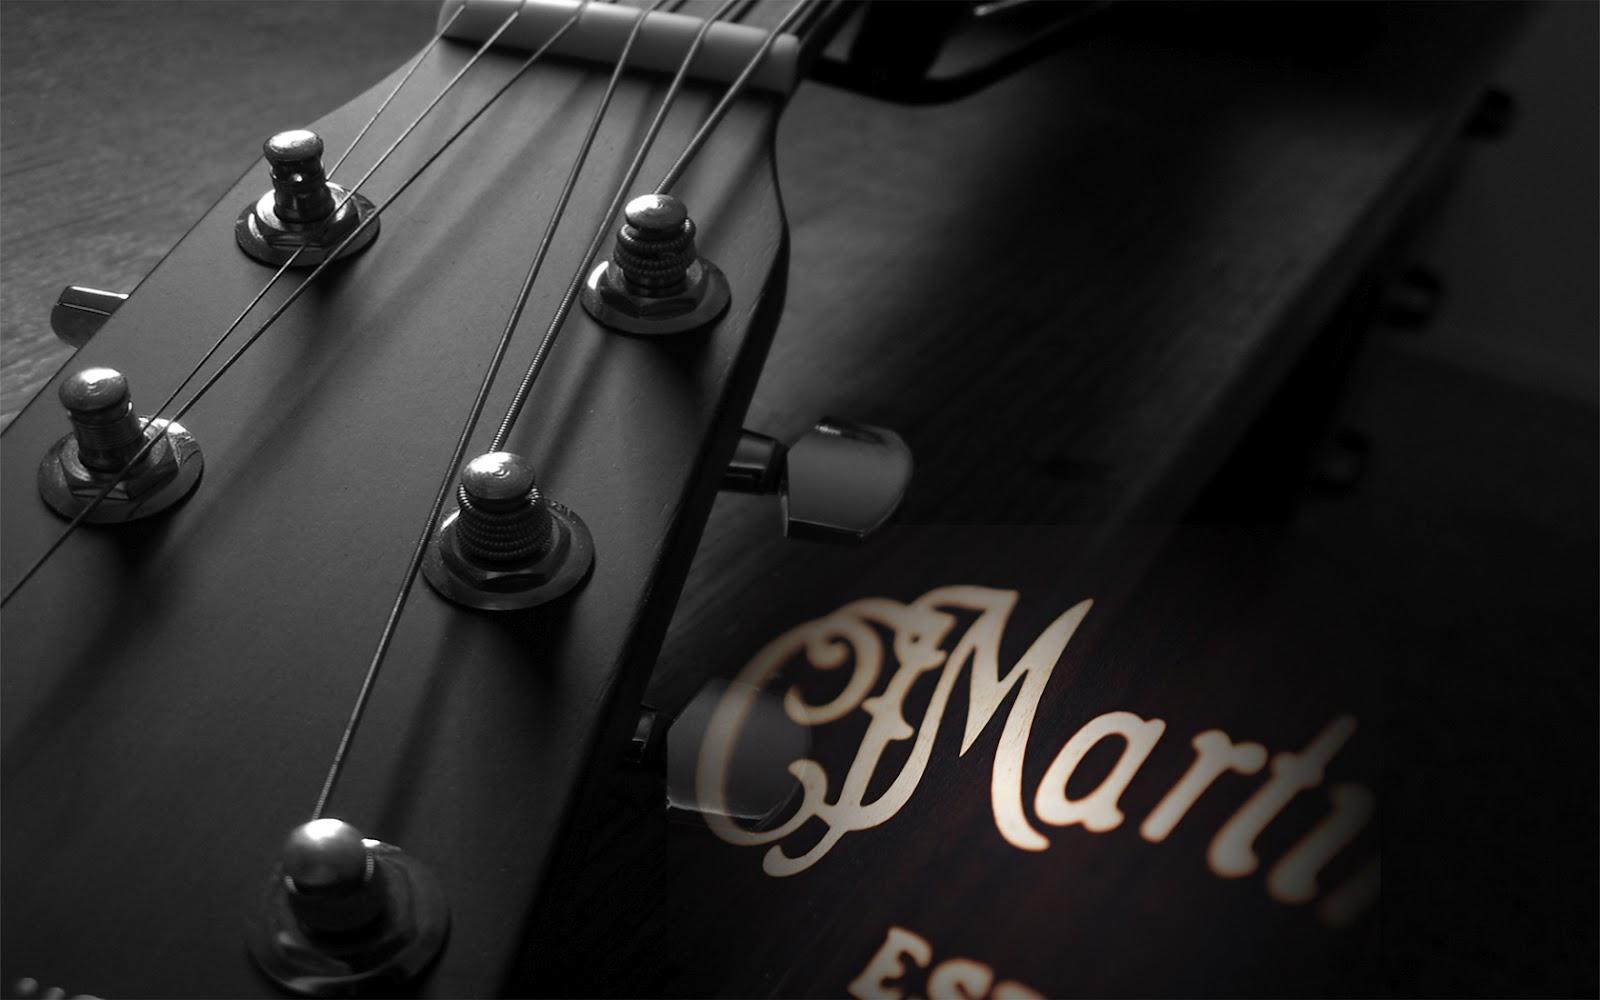 Music Guitar Wallpapers Hd Desktop And Mobile Backgrounds: Wallpaper: Dj Wallpaper For Mobile